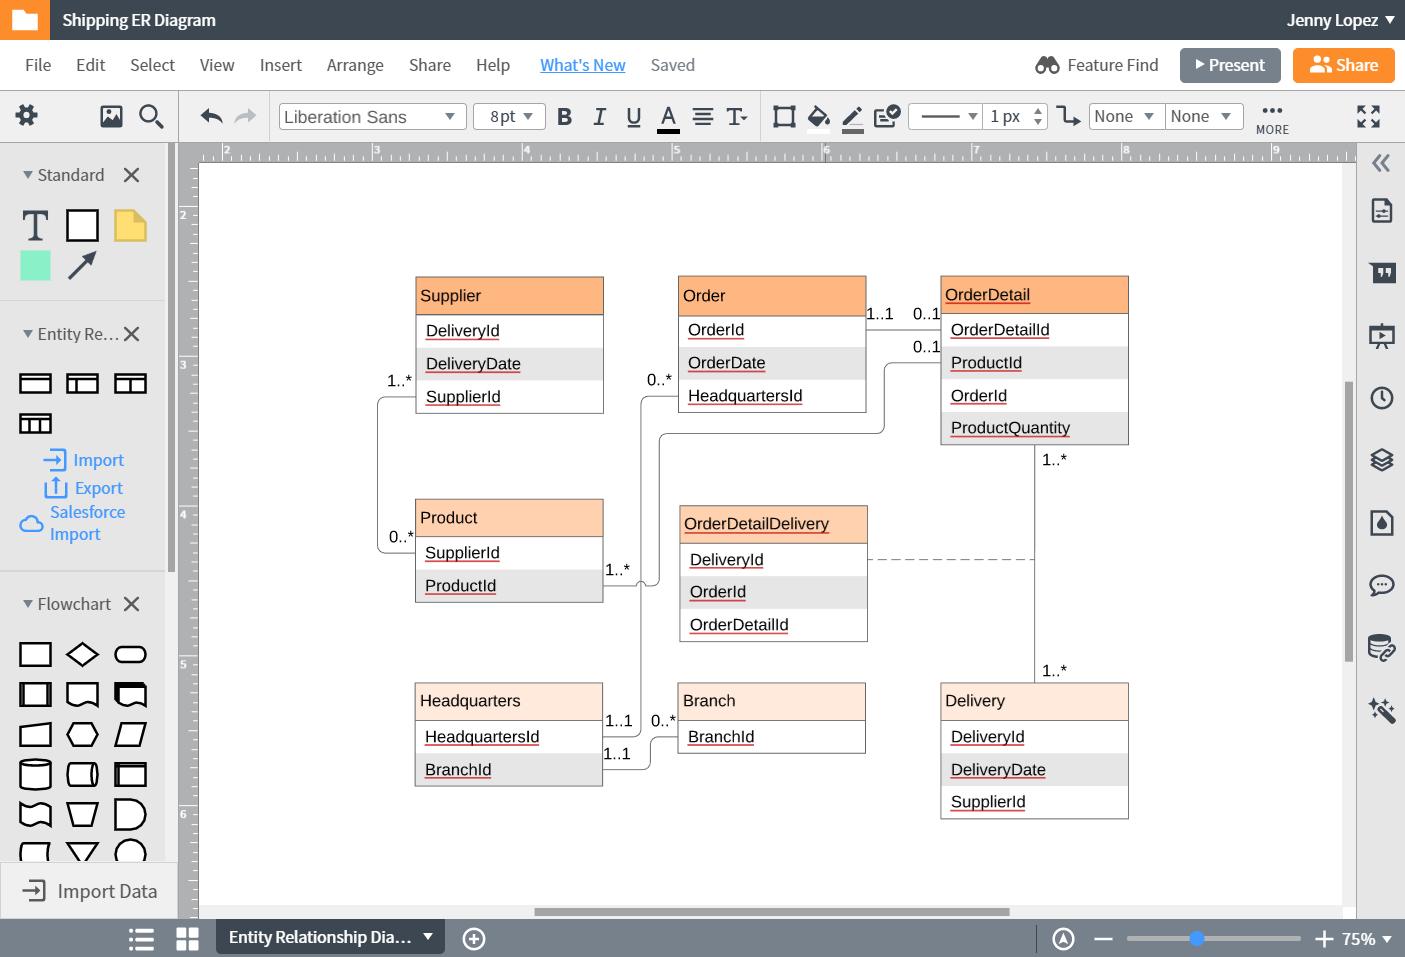 Er Diagram (Erd) Tool | Lucidchart with regard to Online Erd Drawing Tool